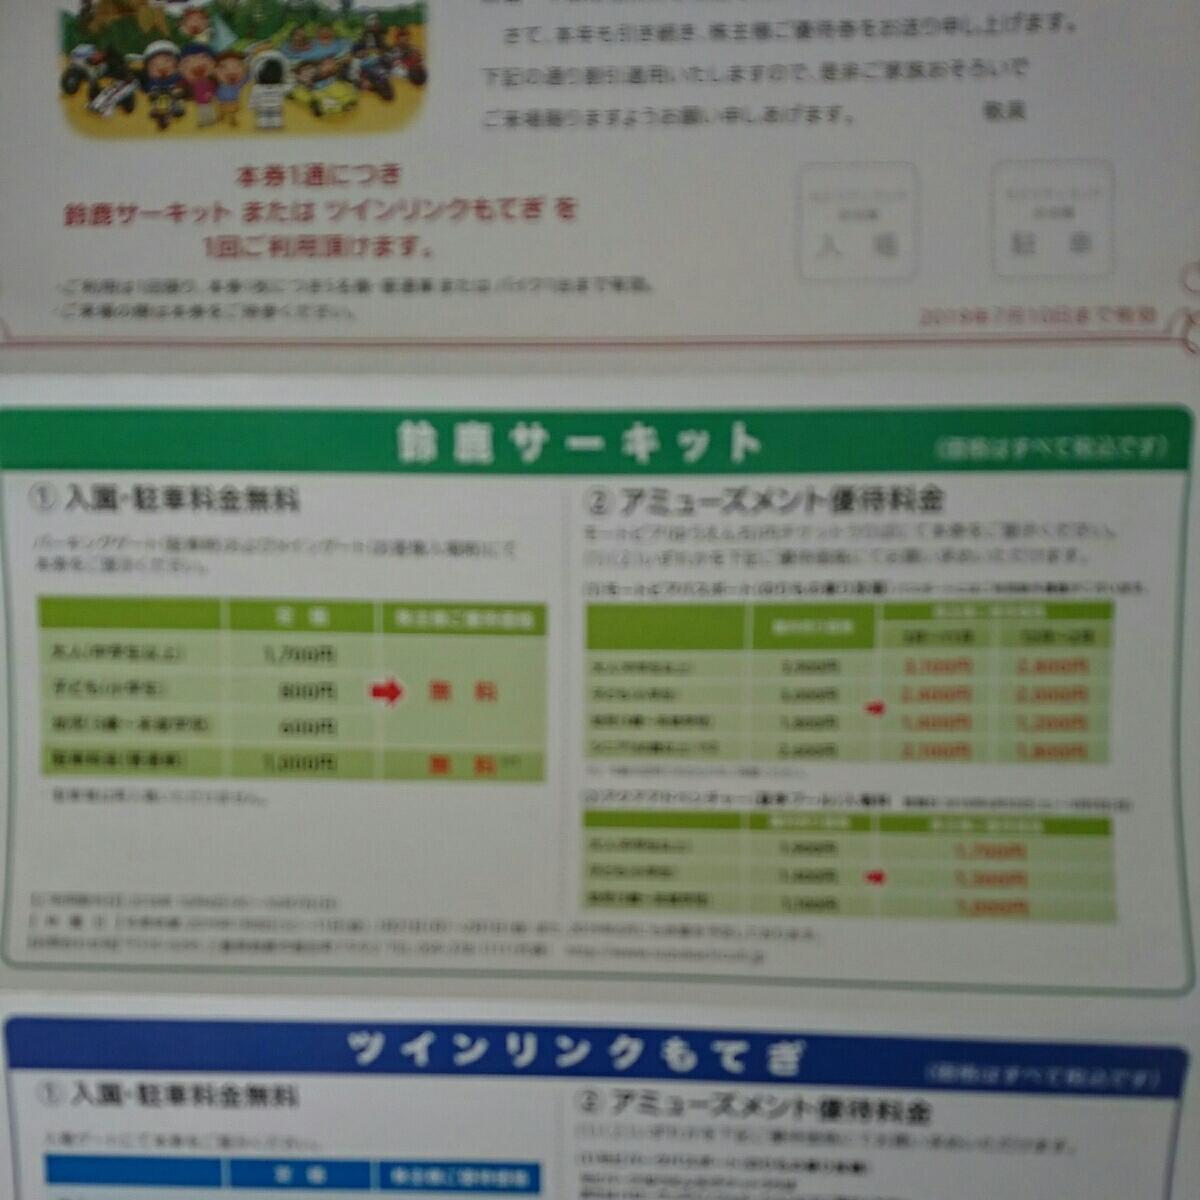 送料無料【鈴鹿サーキット/ツインリンクもてぎ】入園料金5名まで+駐車場無料_画像3